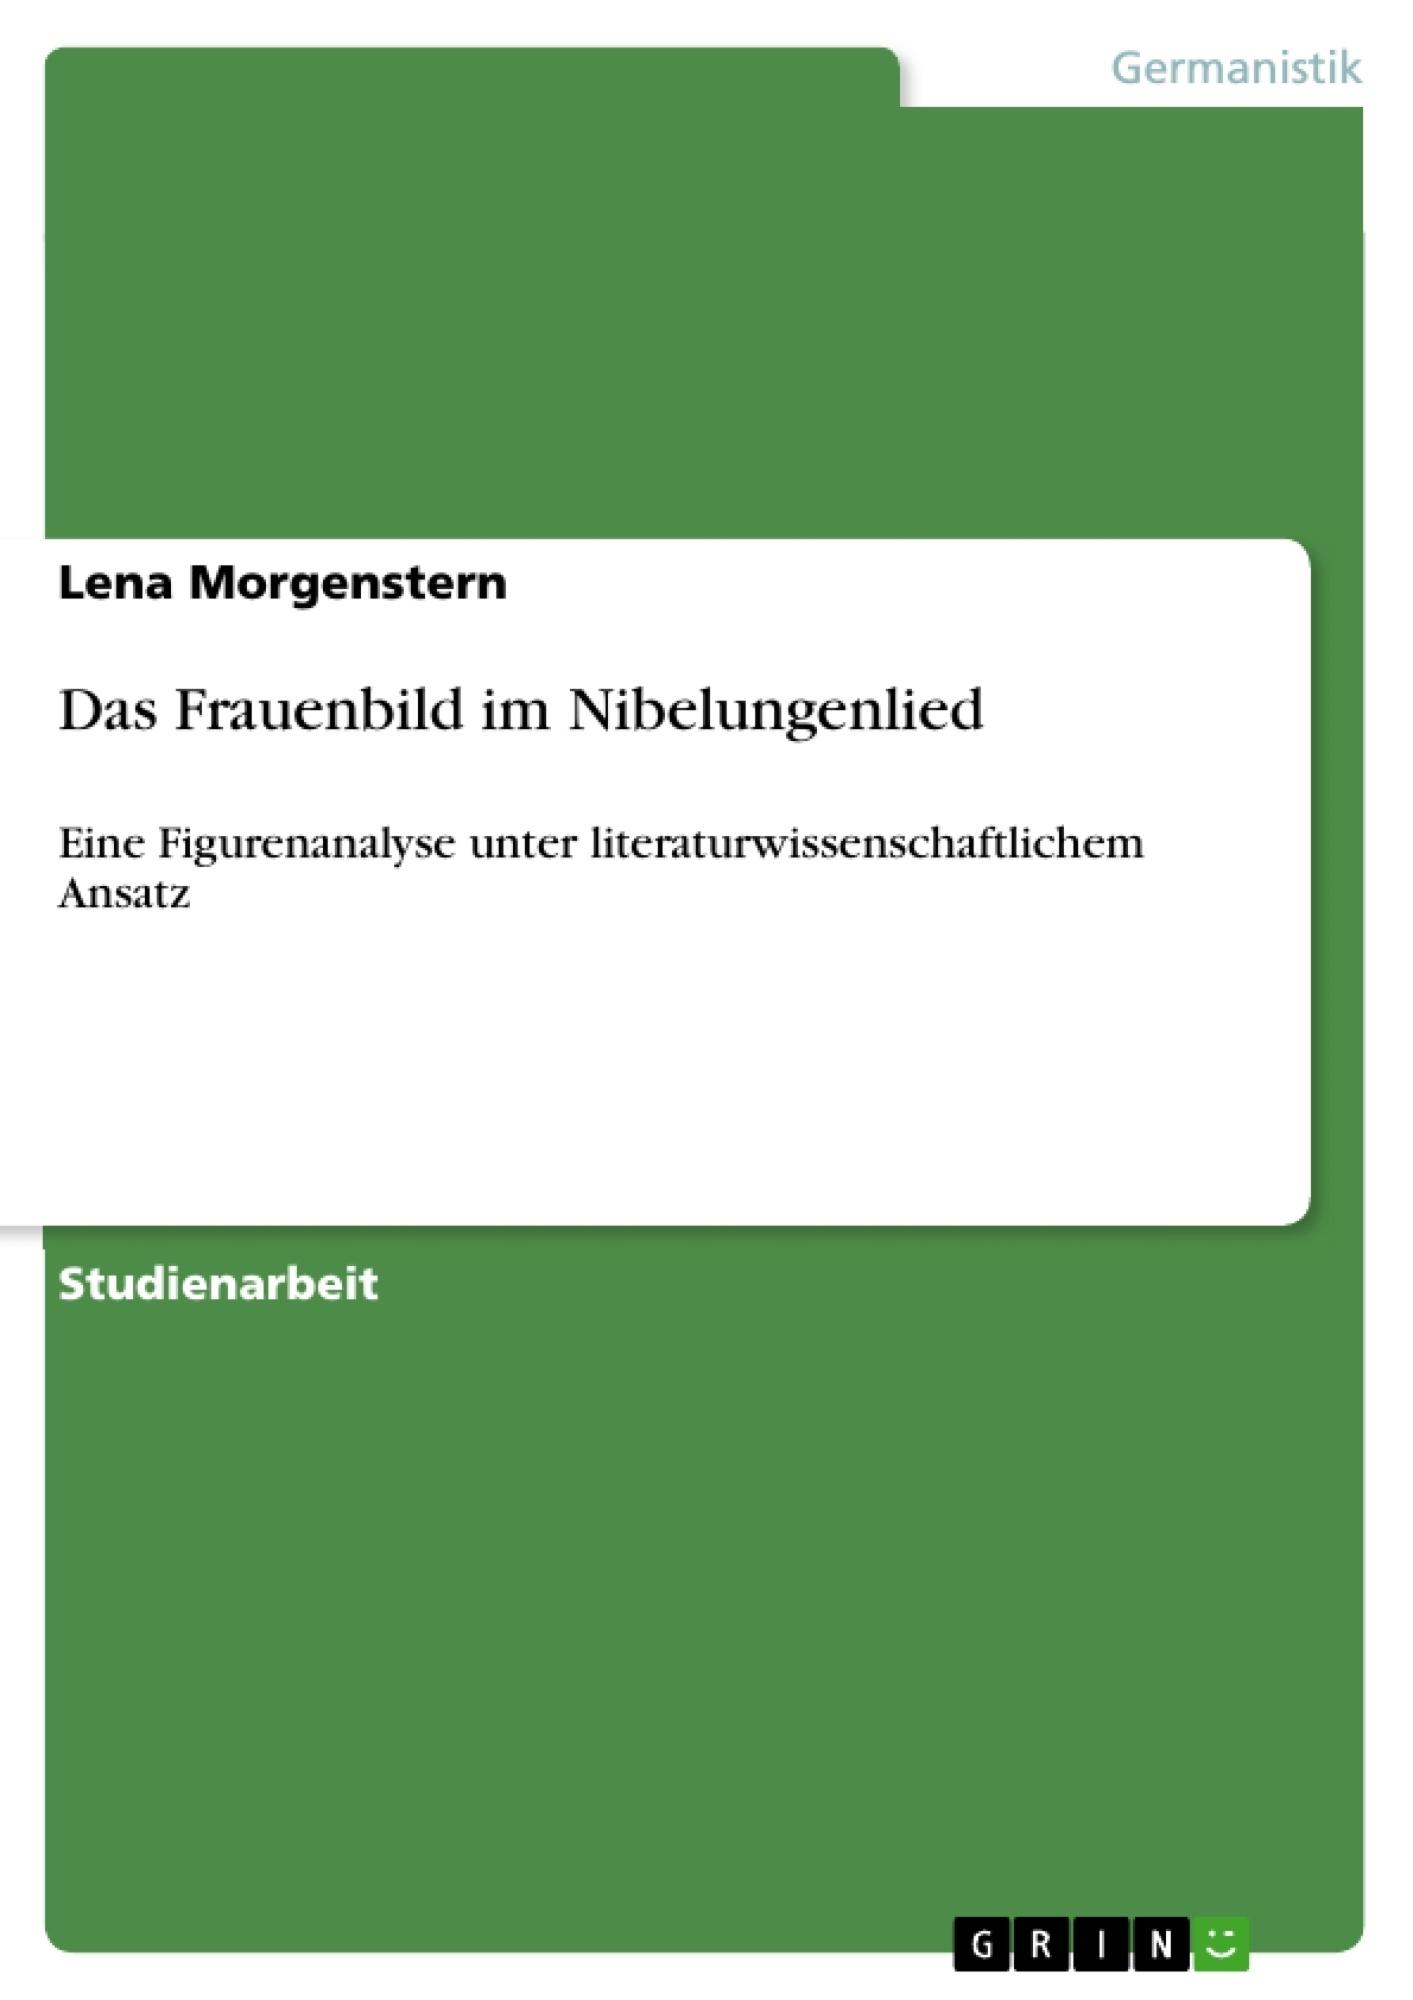 Titel: Das Frauenbild im Nibelungenlied